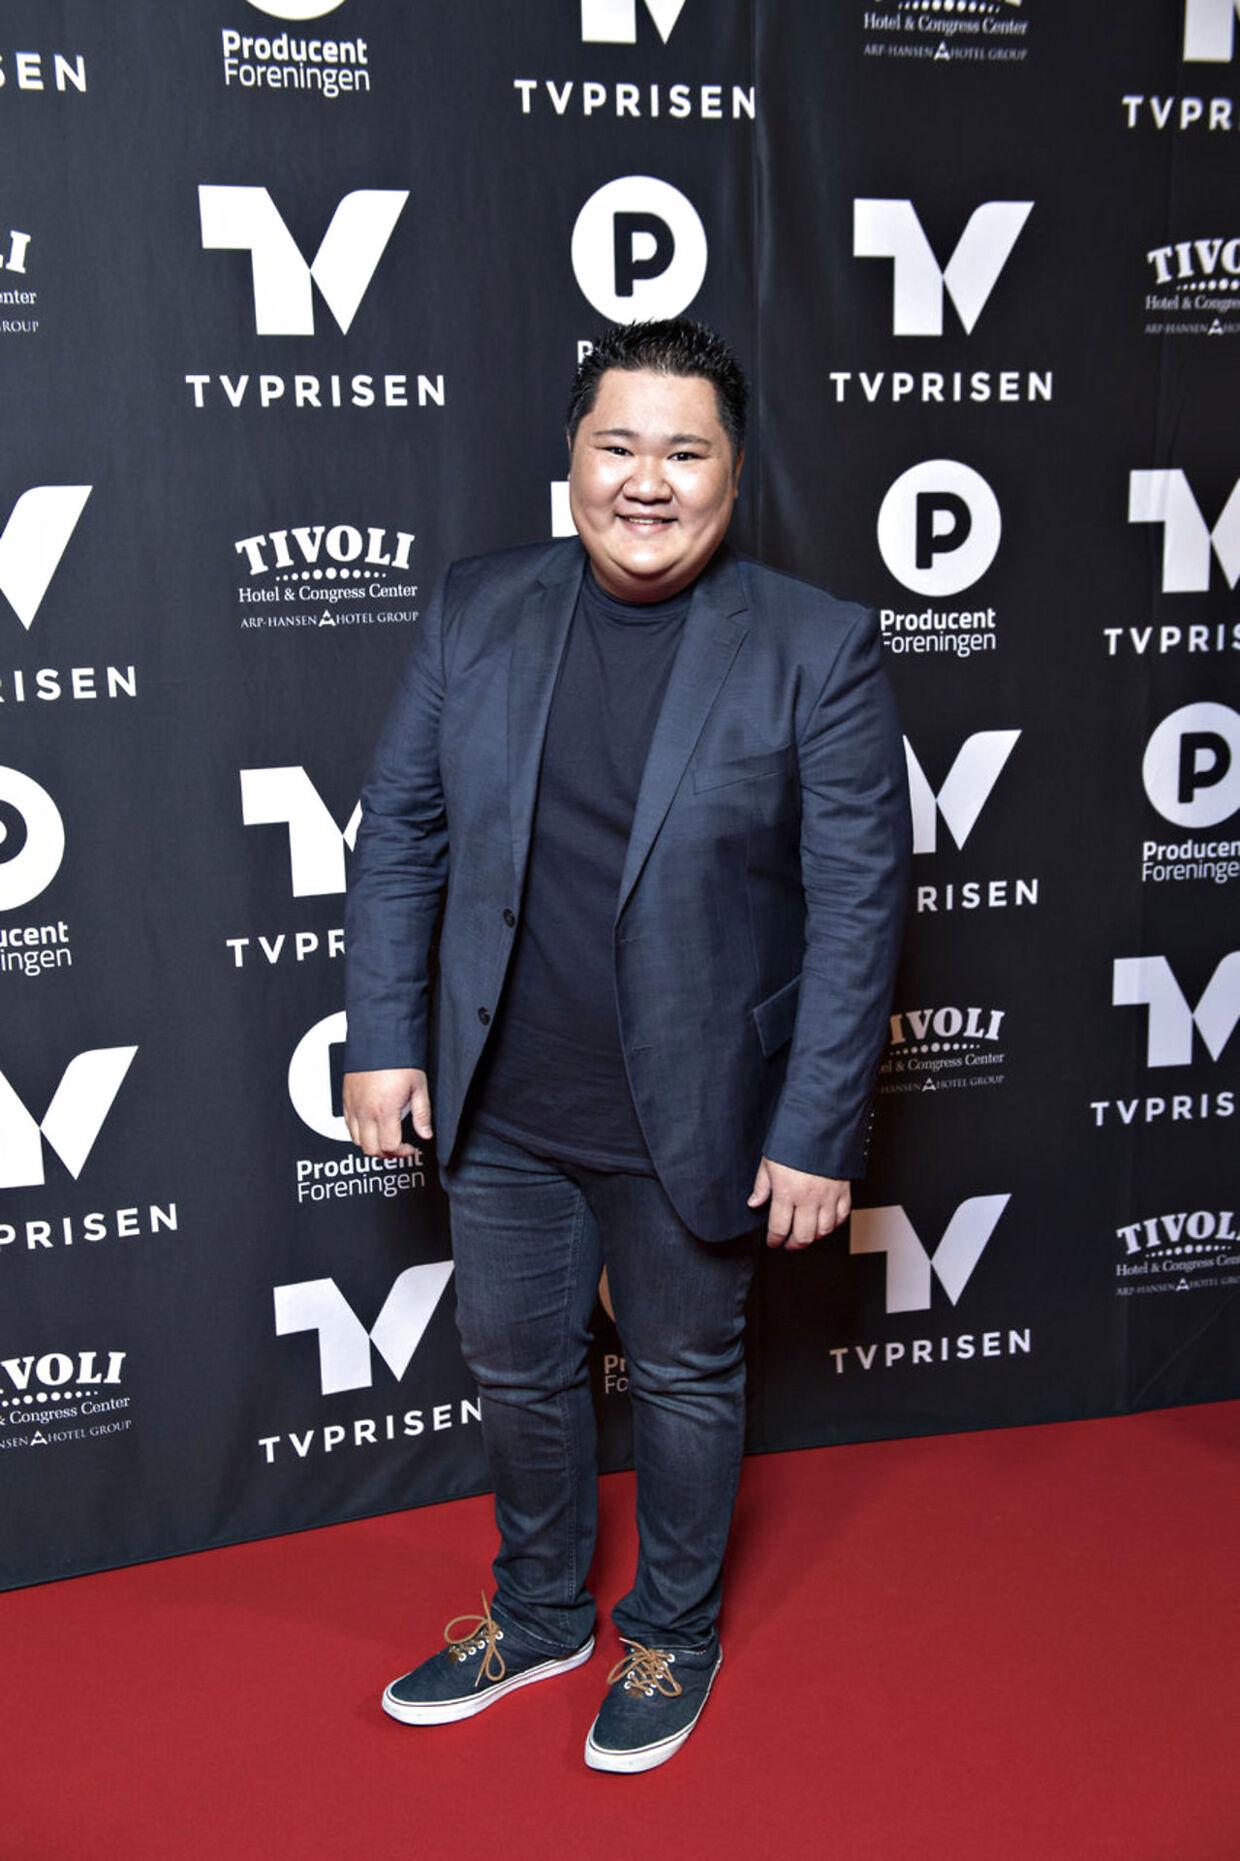 Micki Cheng ankommer til TV-prisen, prisuddelingen der hædrer den danske tv-branche. (Foto: Jens Nørgaard Larsen/Scanpix 2018)